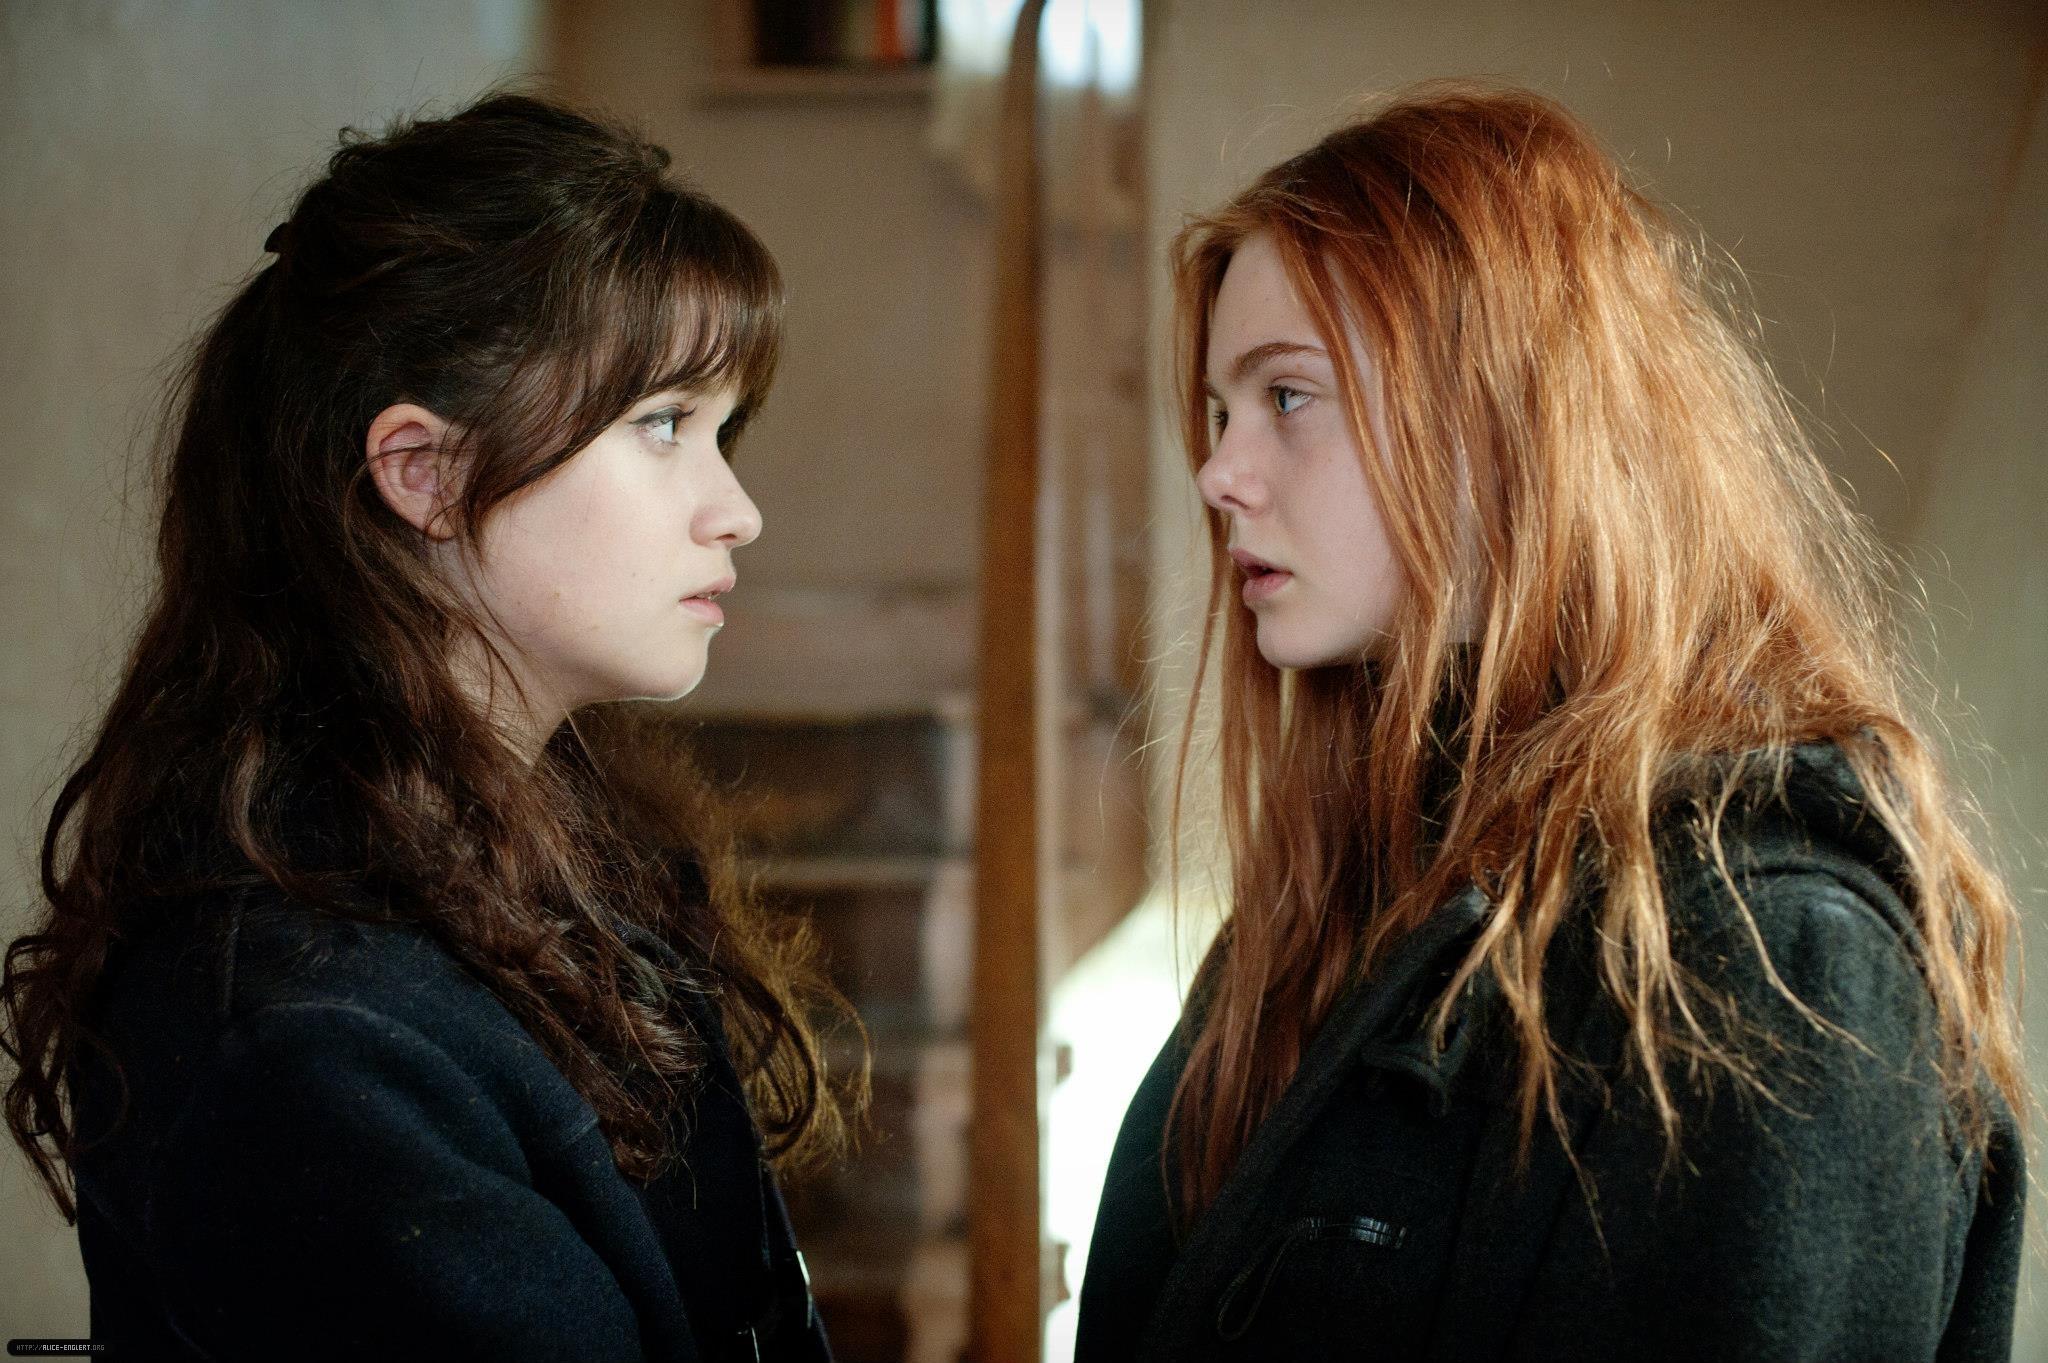 Ginger alden 2012